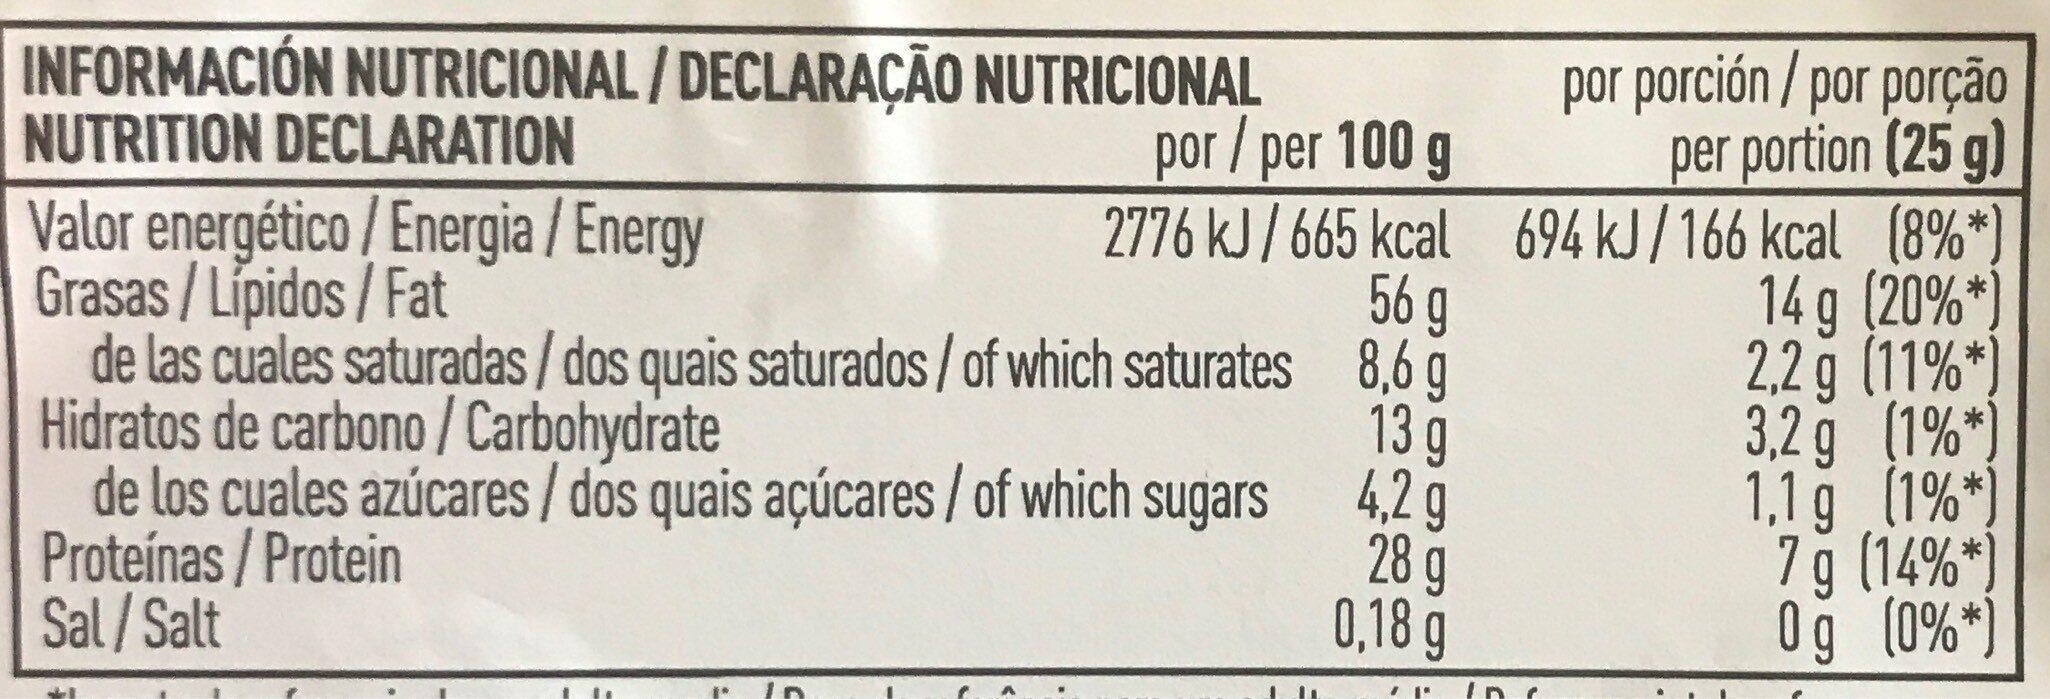 Cacahuetes virginia fritos pelados tarrina - Informació nutricional - es